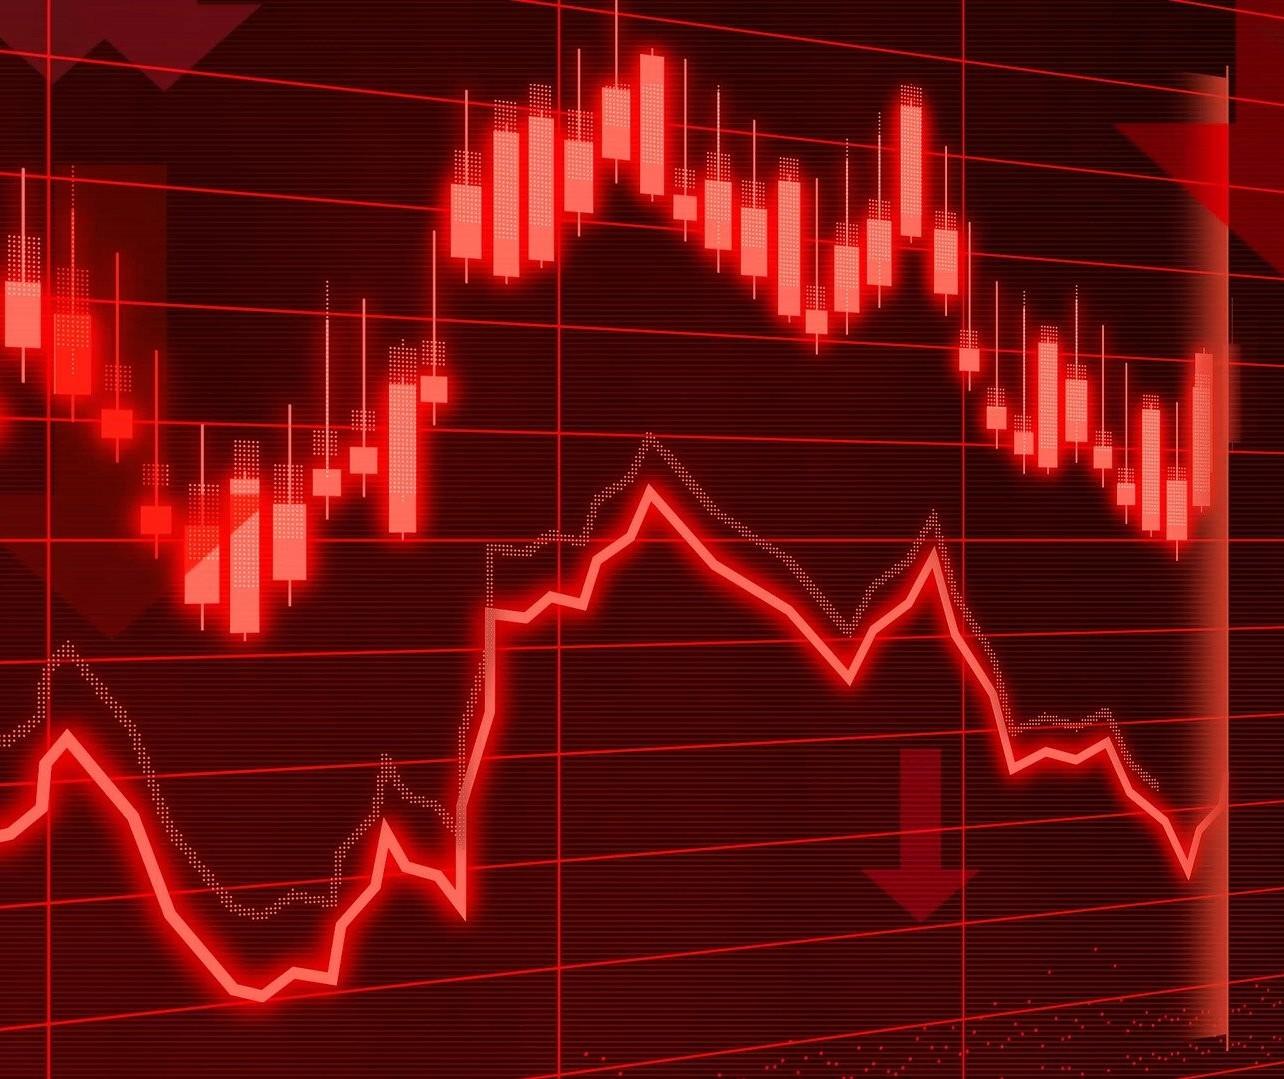 Previsão de contração da economia em 2020 supera 5%